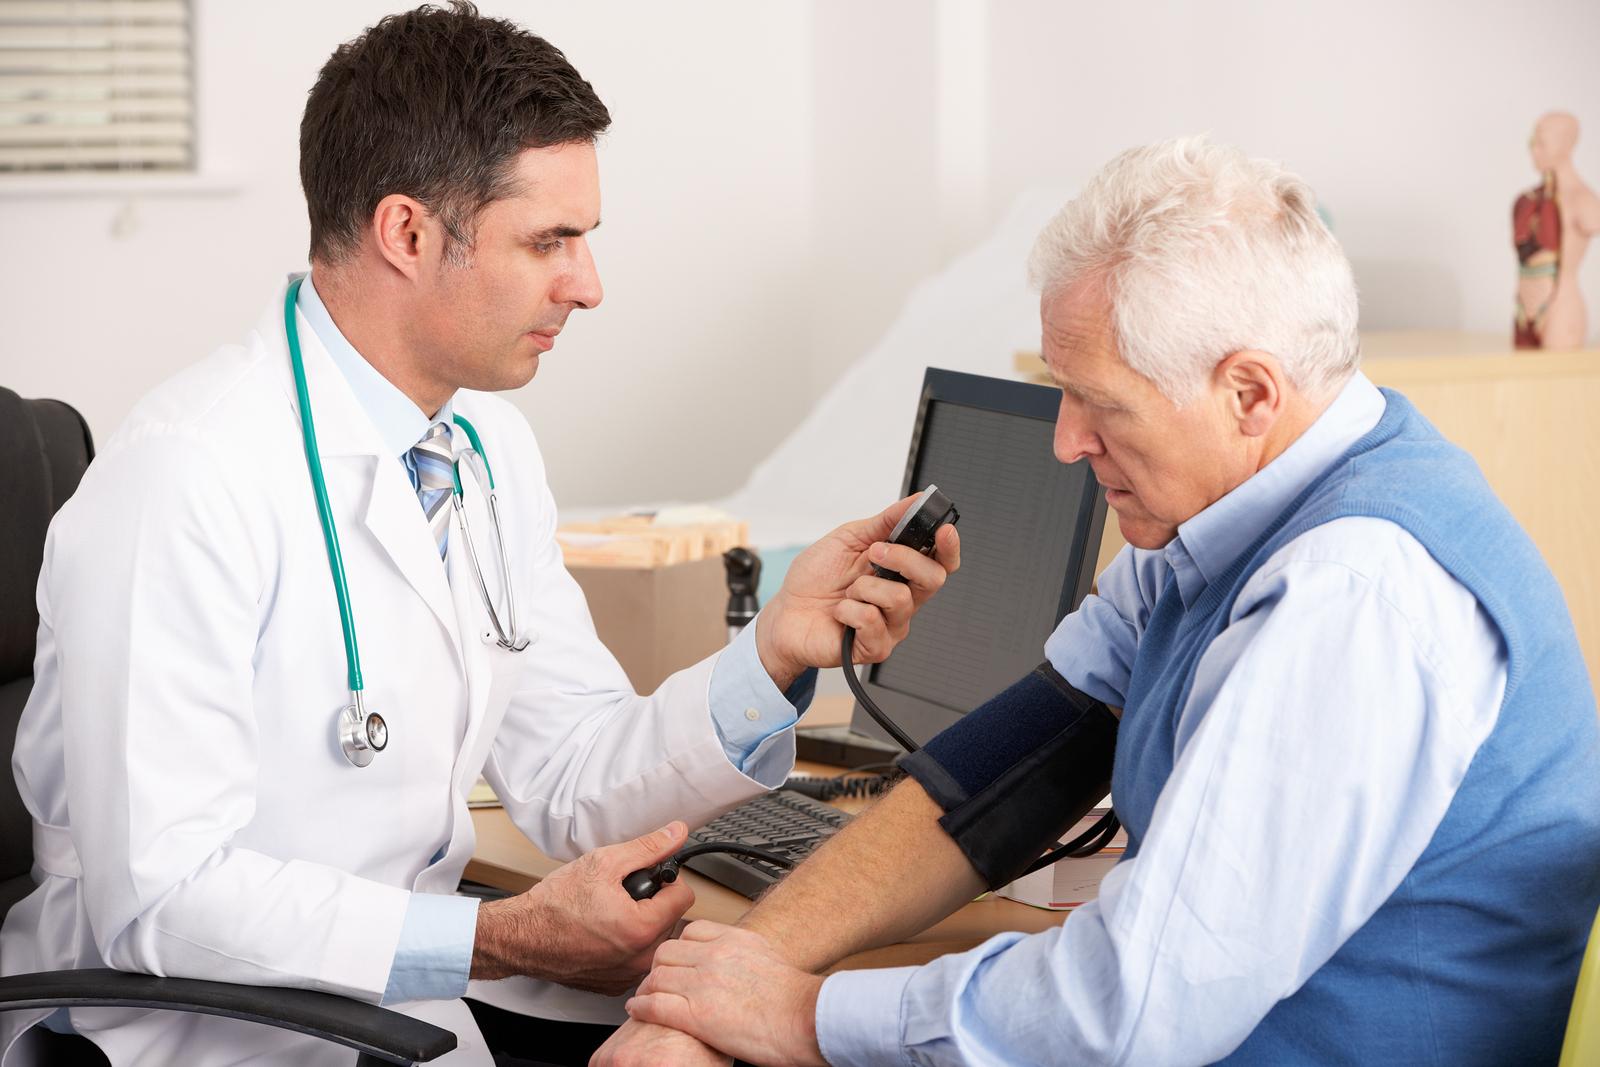 post krvni tlak prva pomoć za hipertenzije u djece